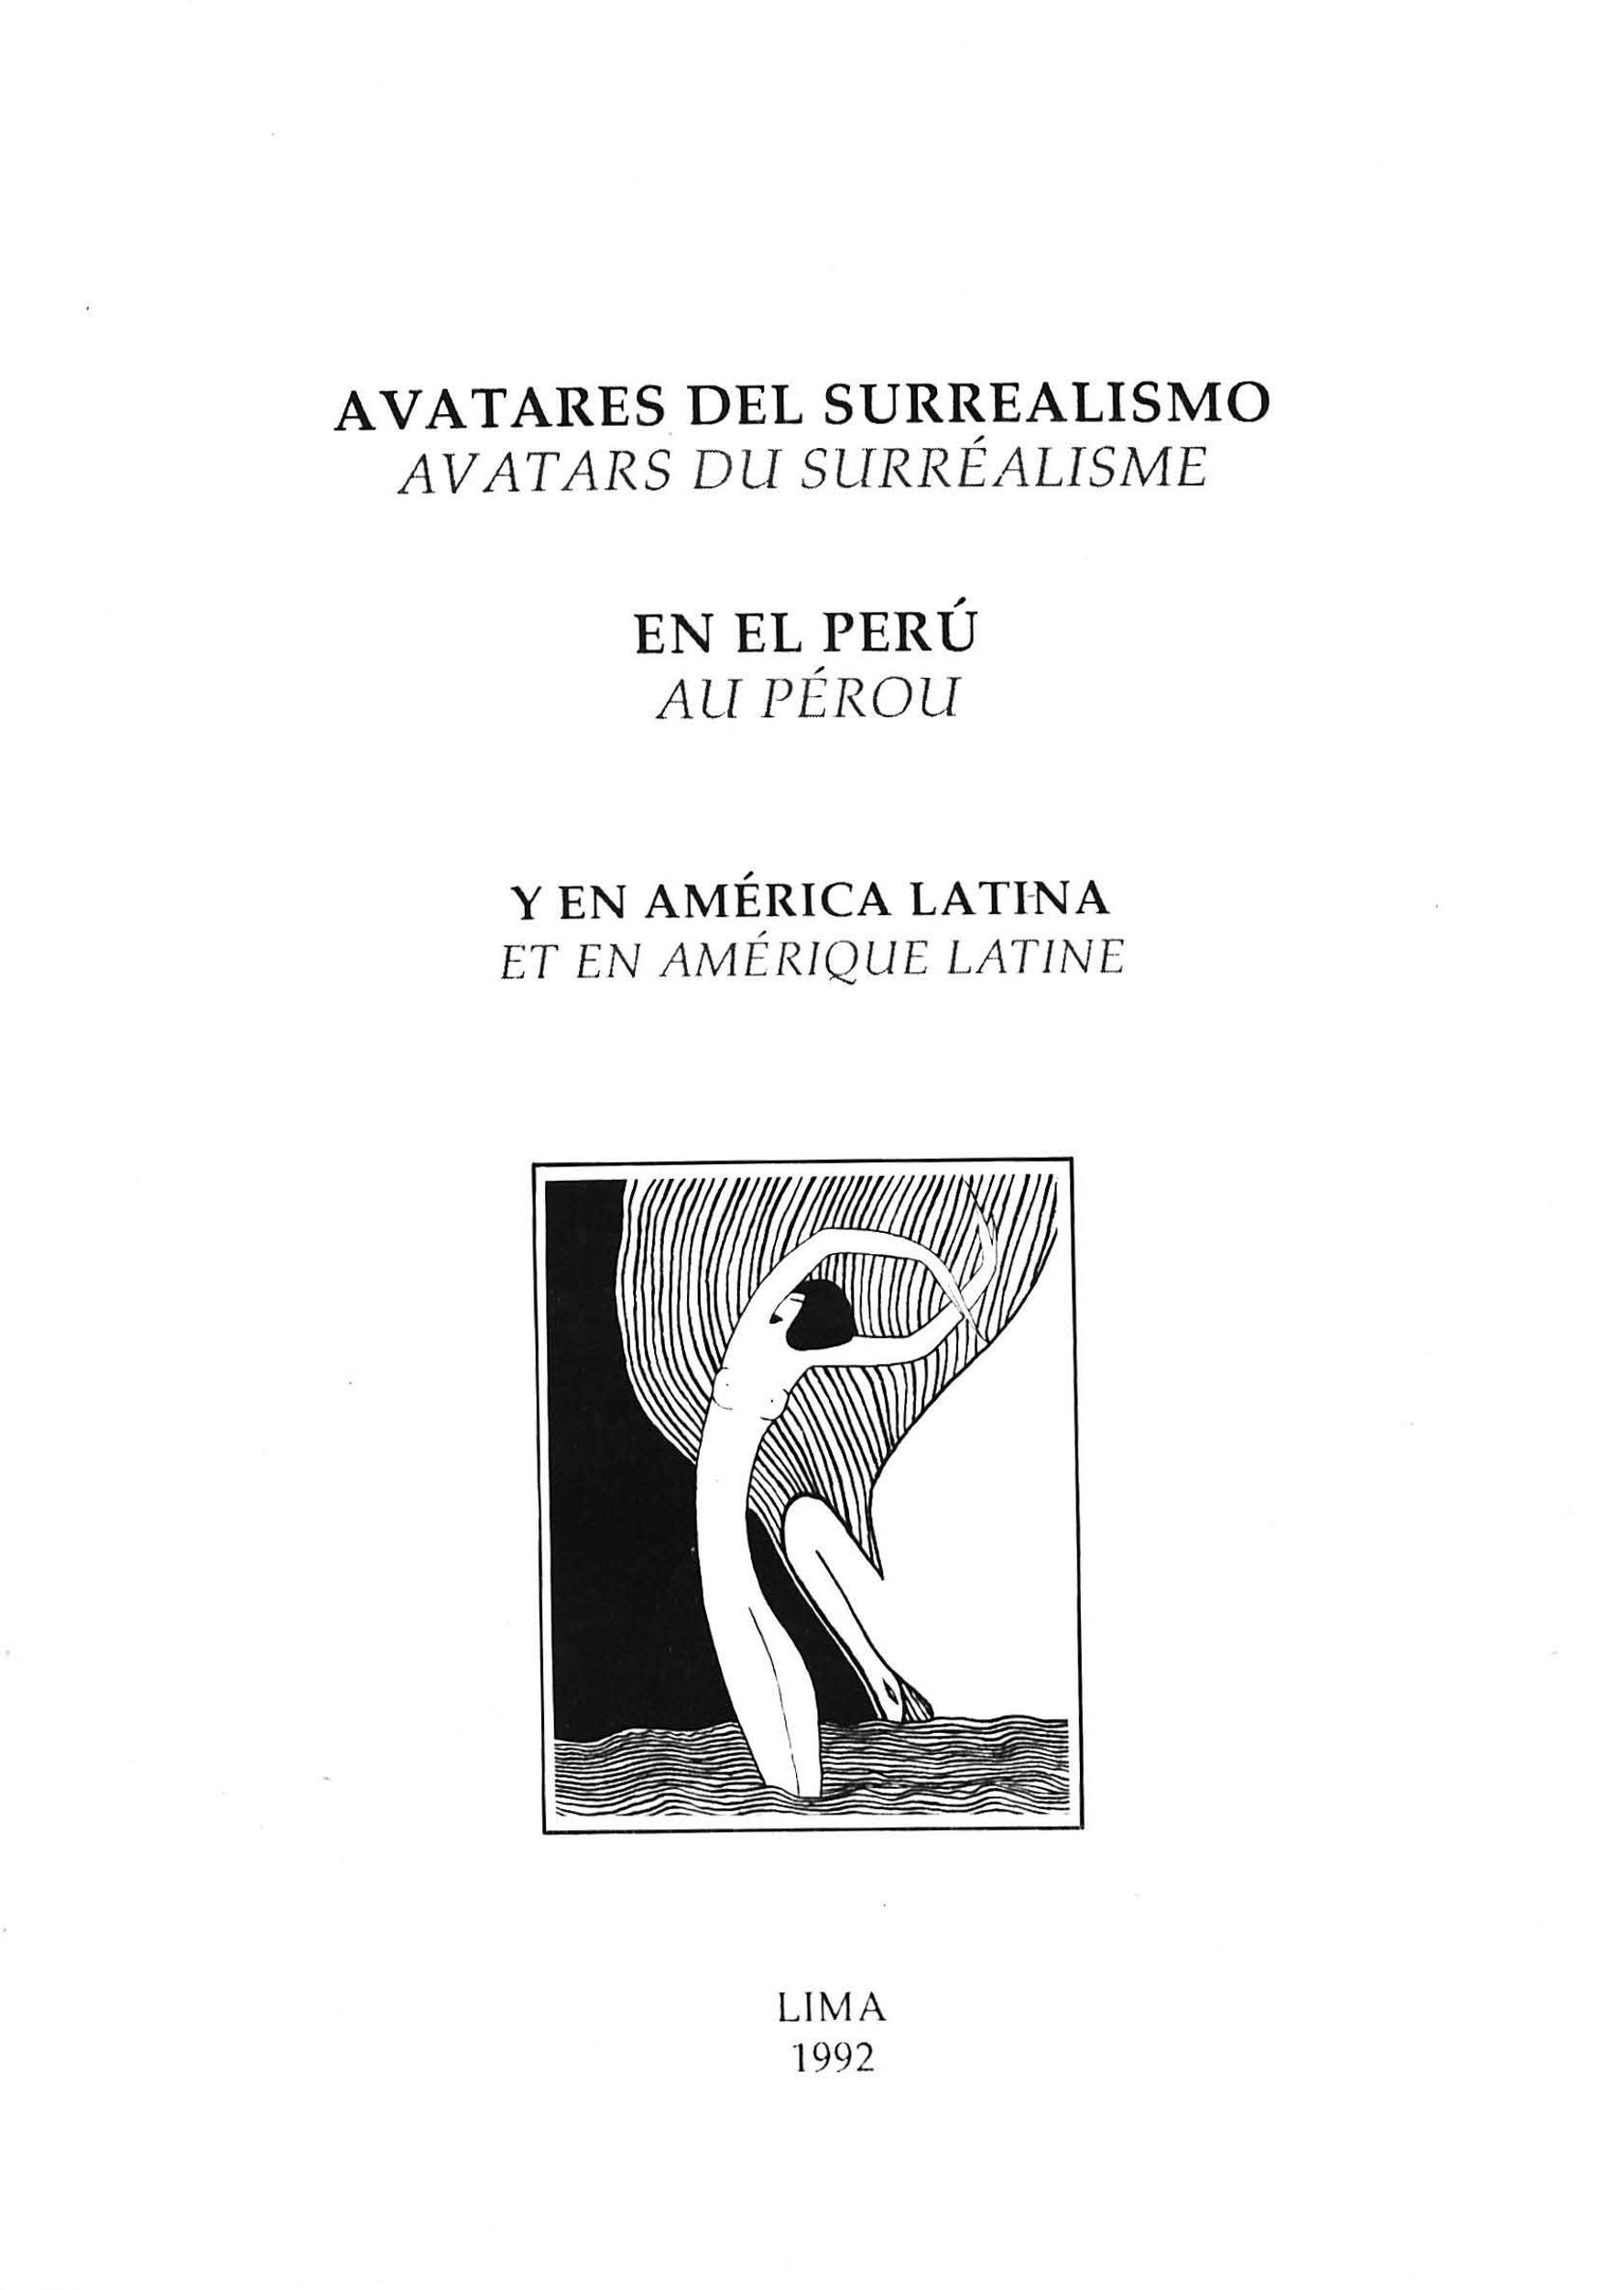 Avatares del surrealismo en el Perú y en América Latina